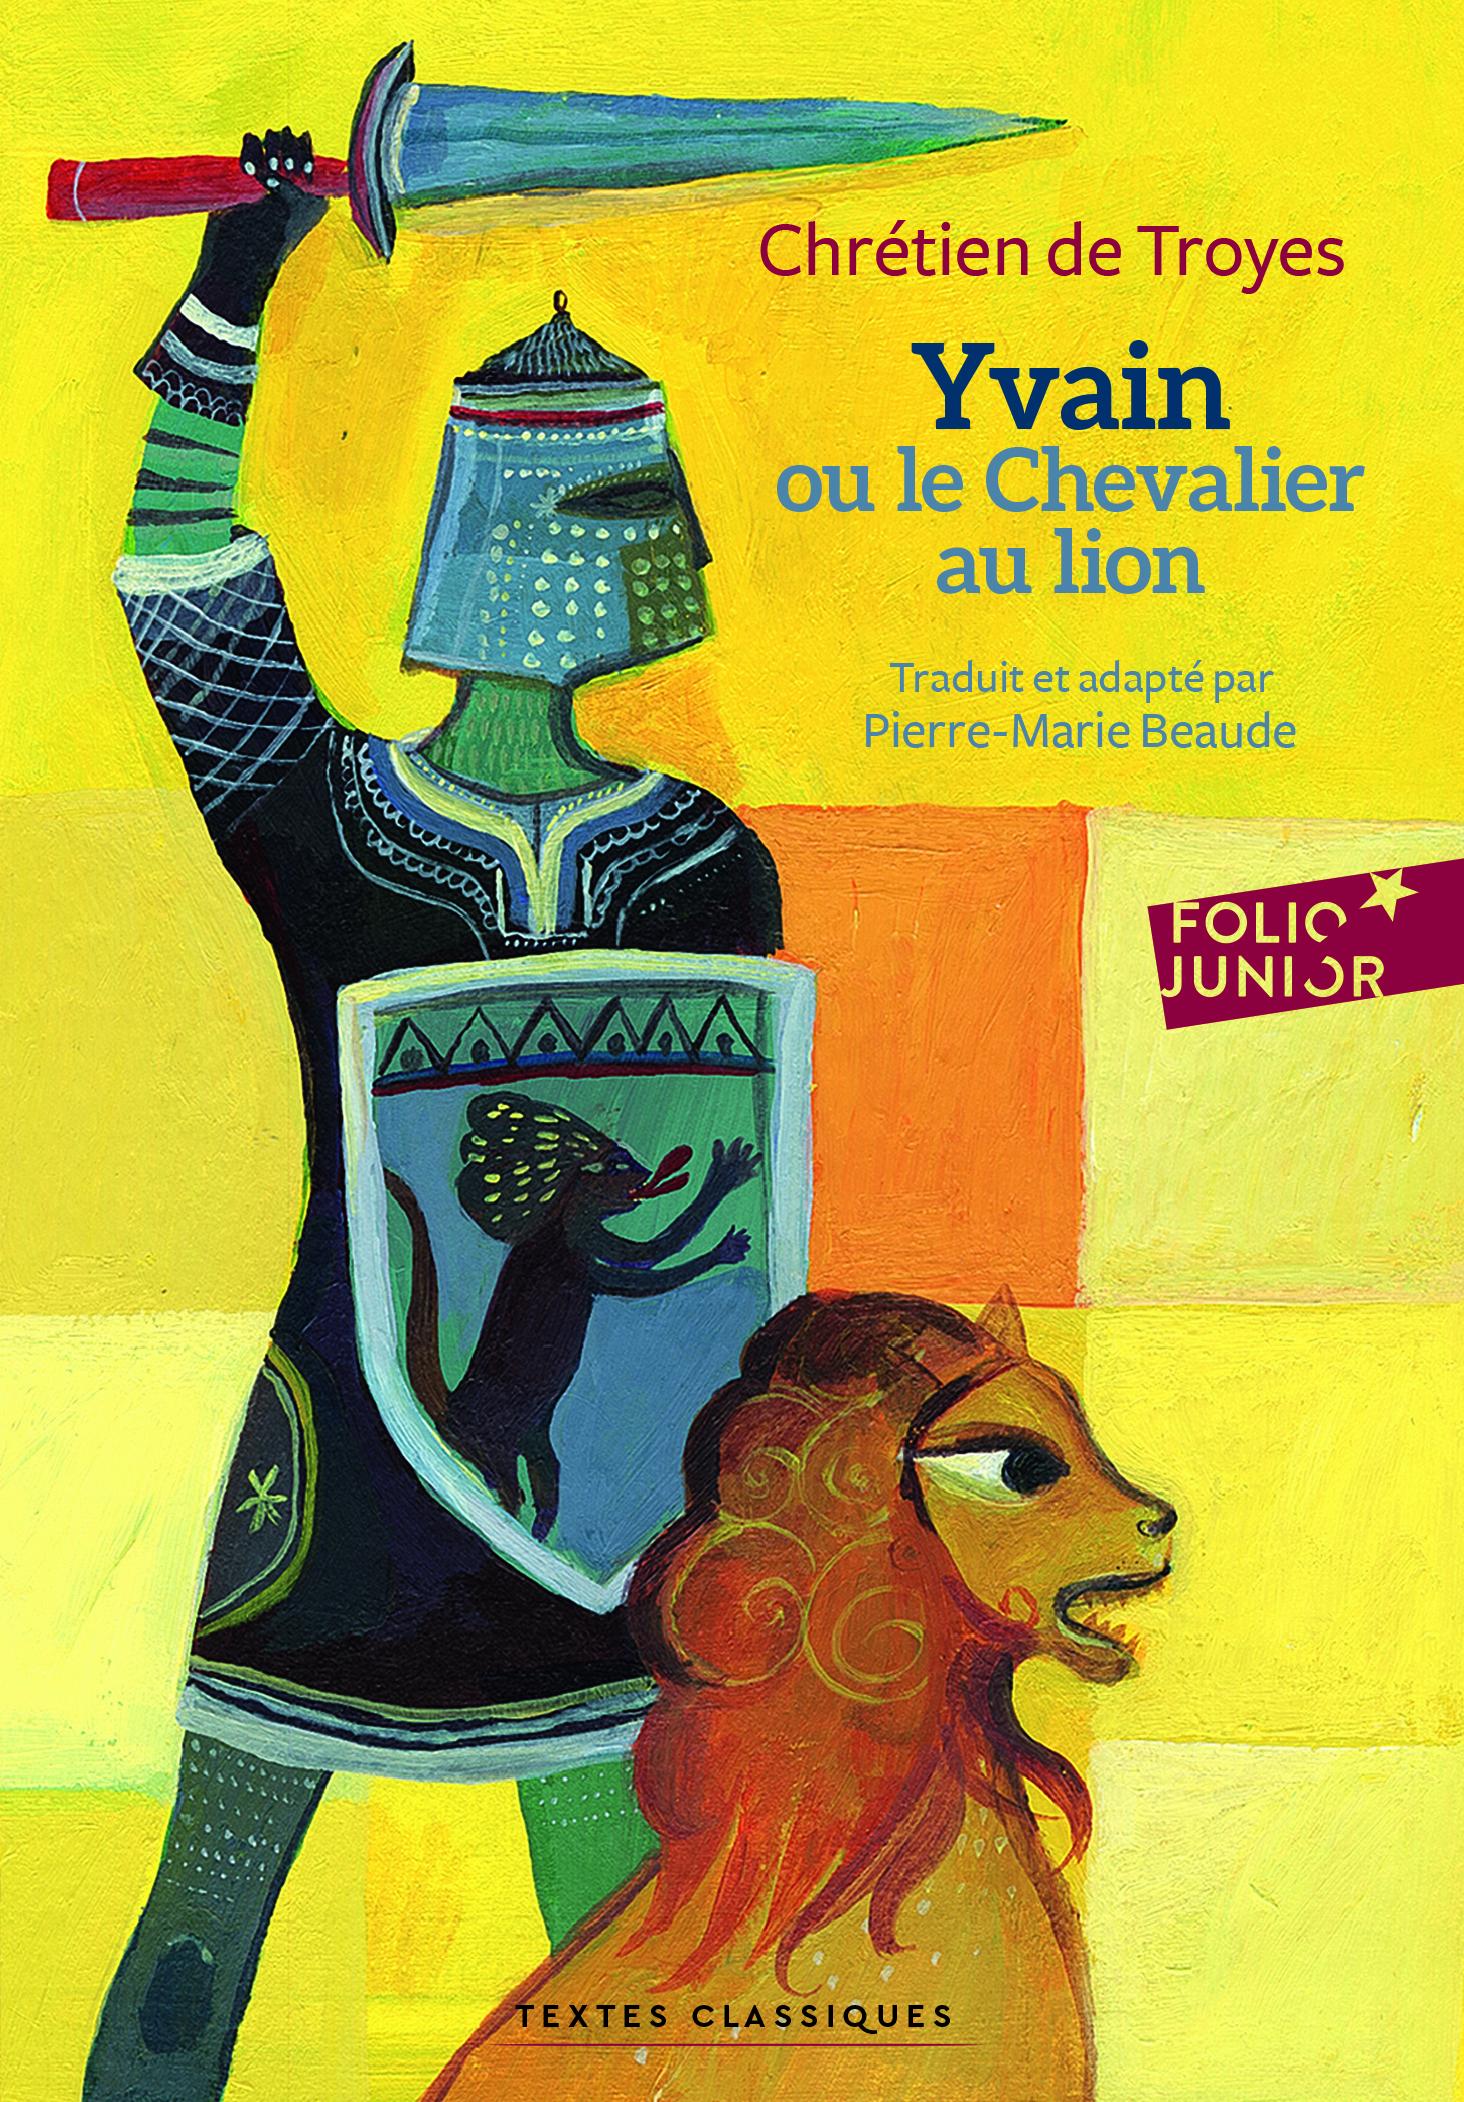 dissertation sur yvain ou le chevalier au lion